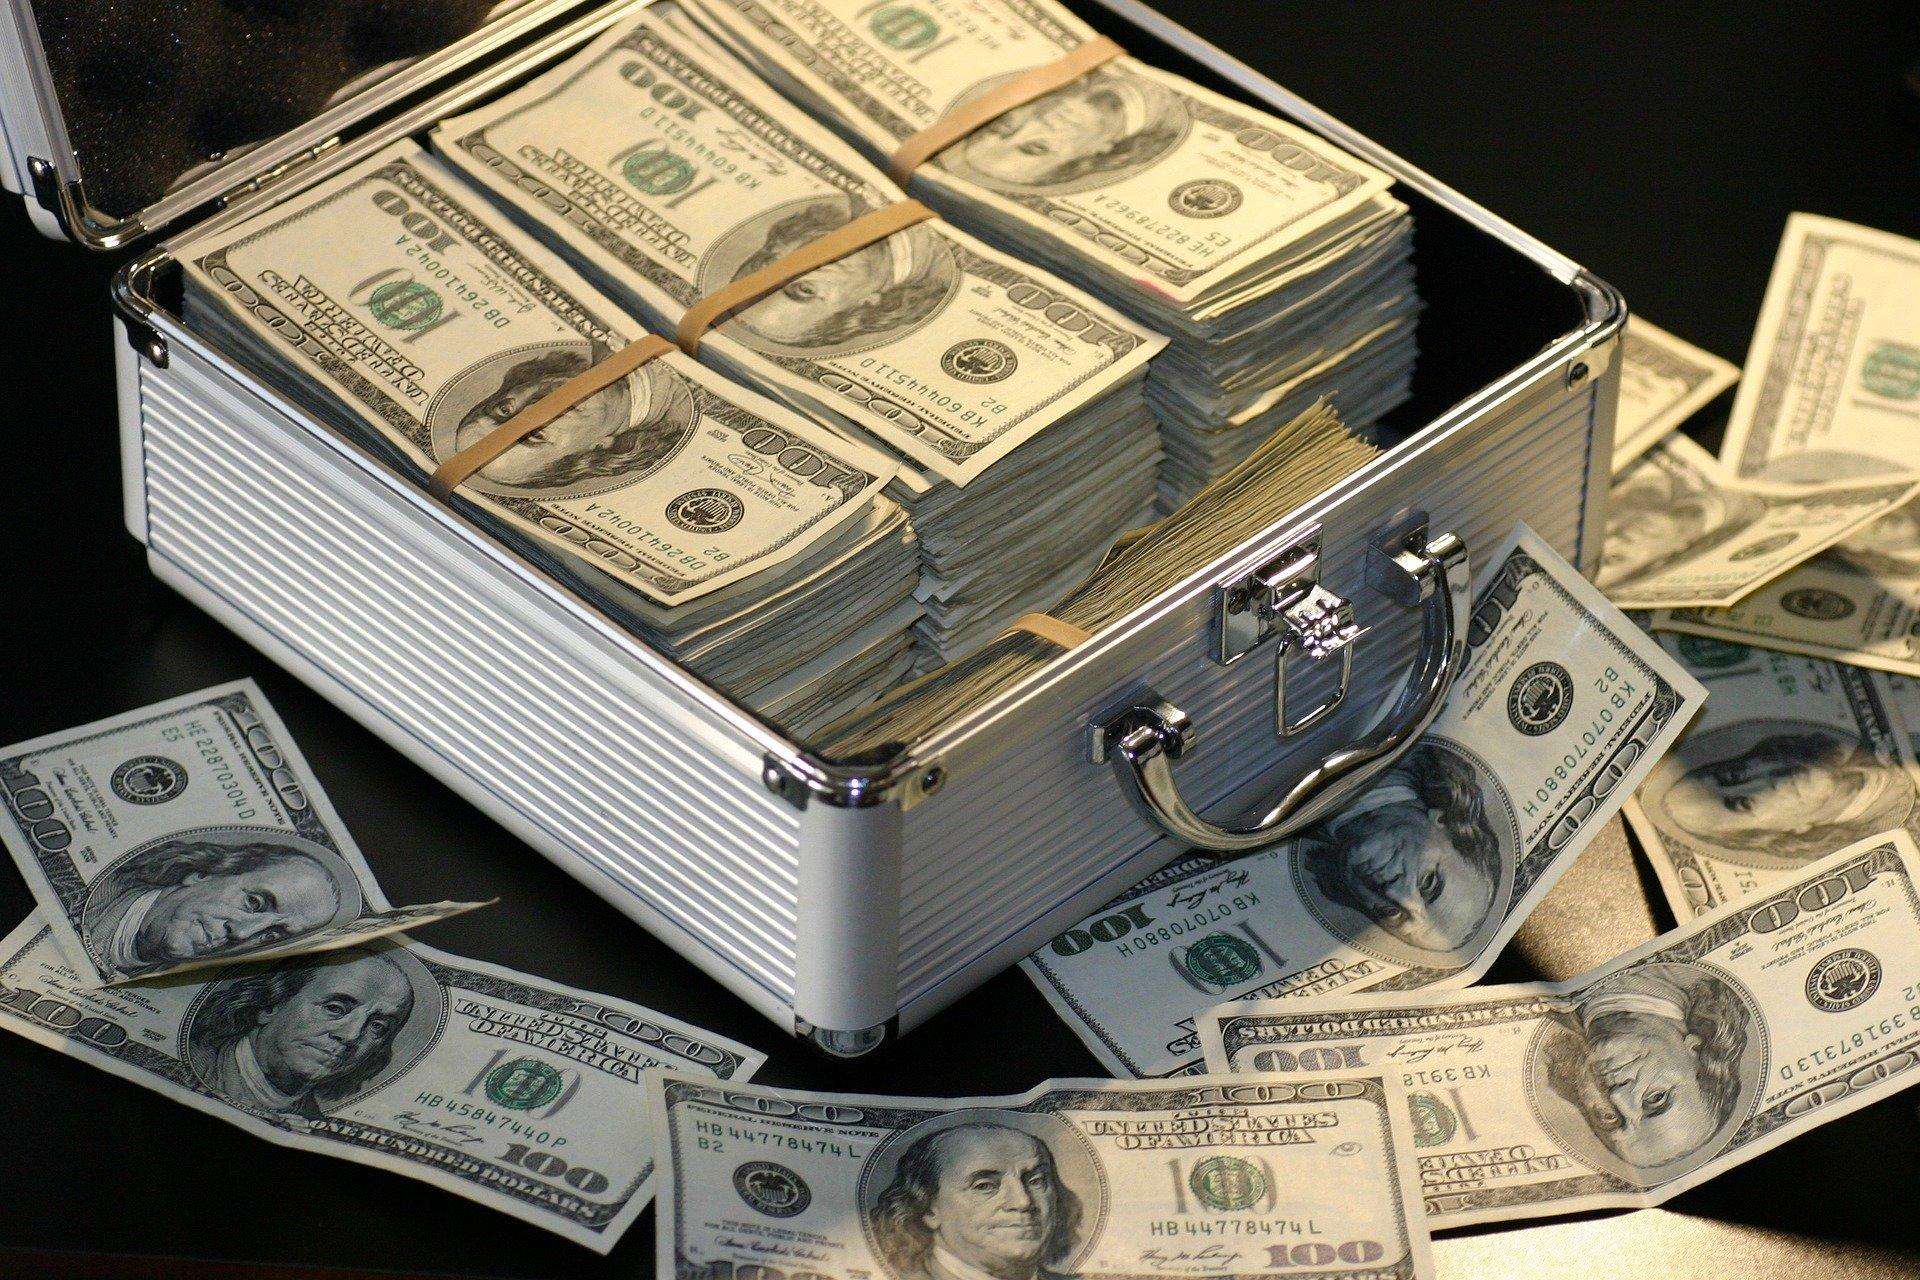 【エロタレ攻略】エログ運営で収入を得る方法とは?オススメの収益化方法を5つ紹介します!